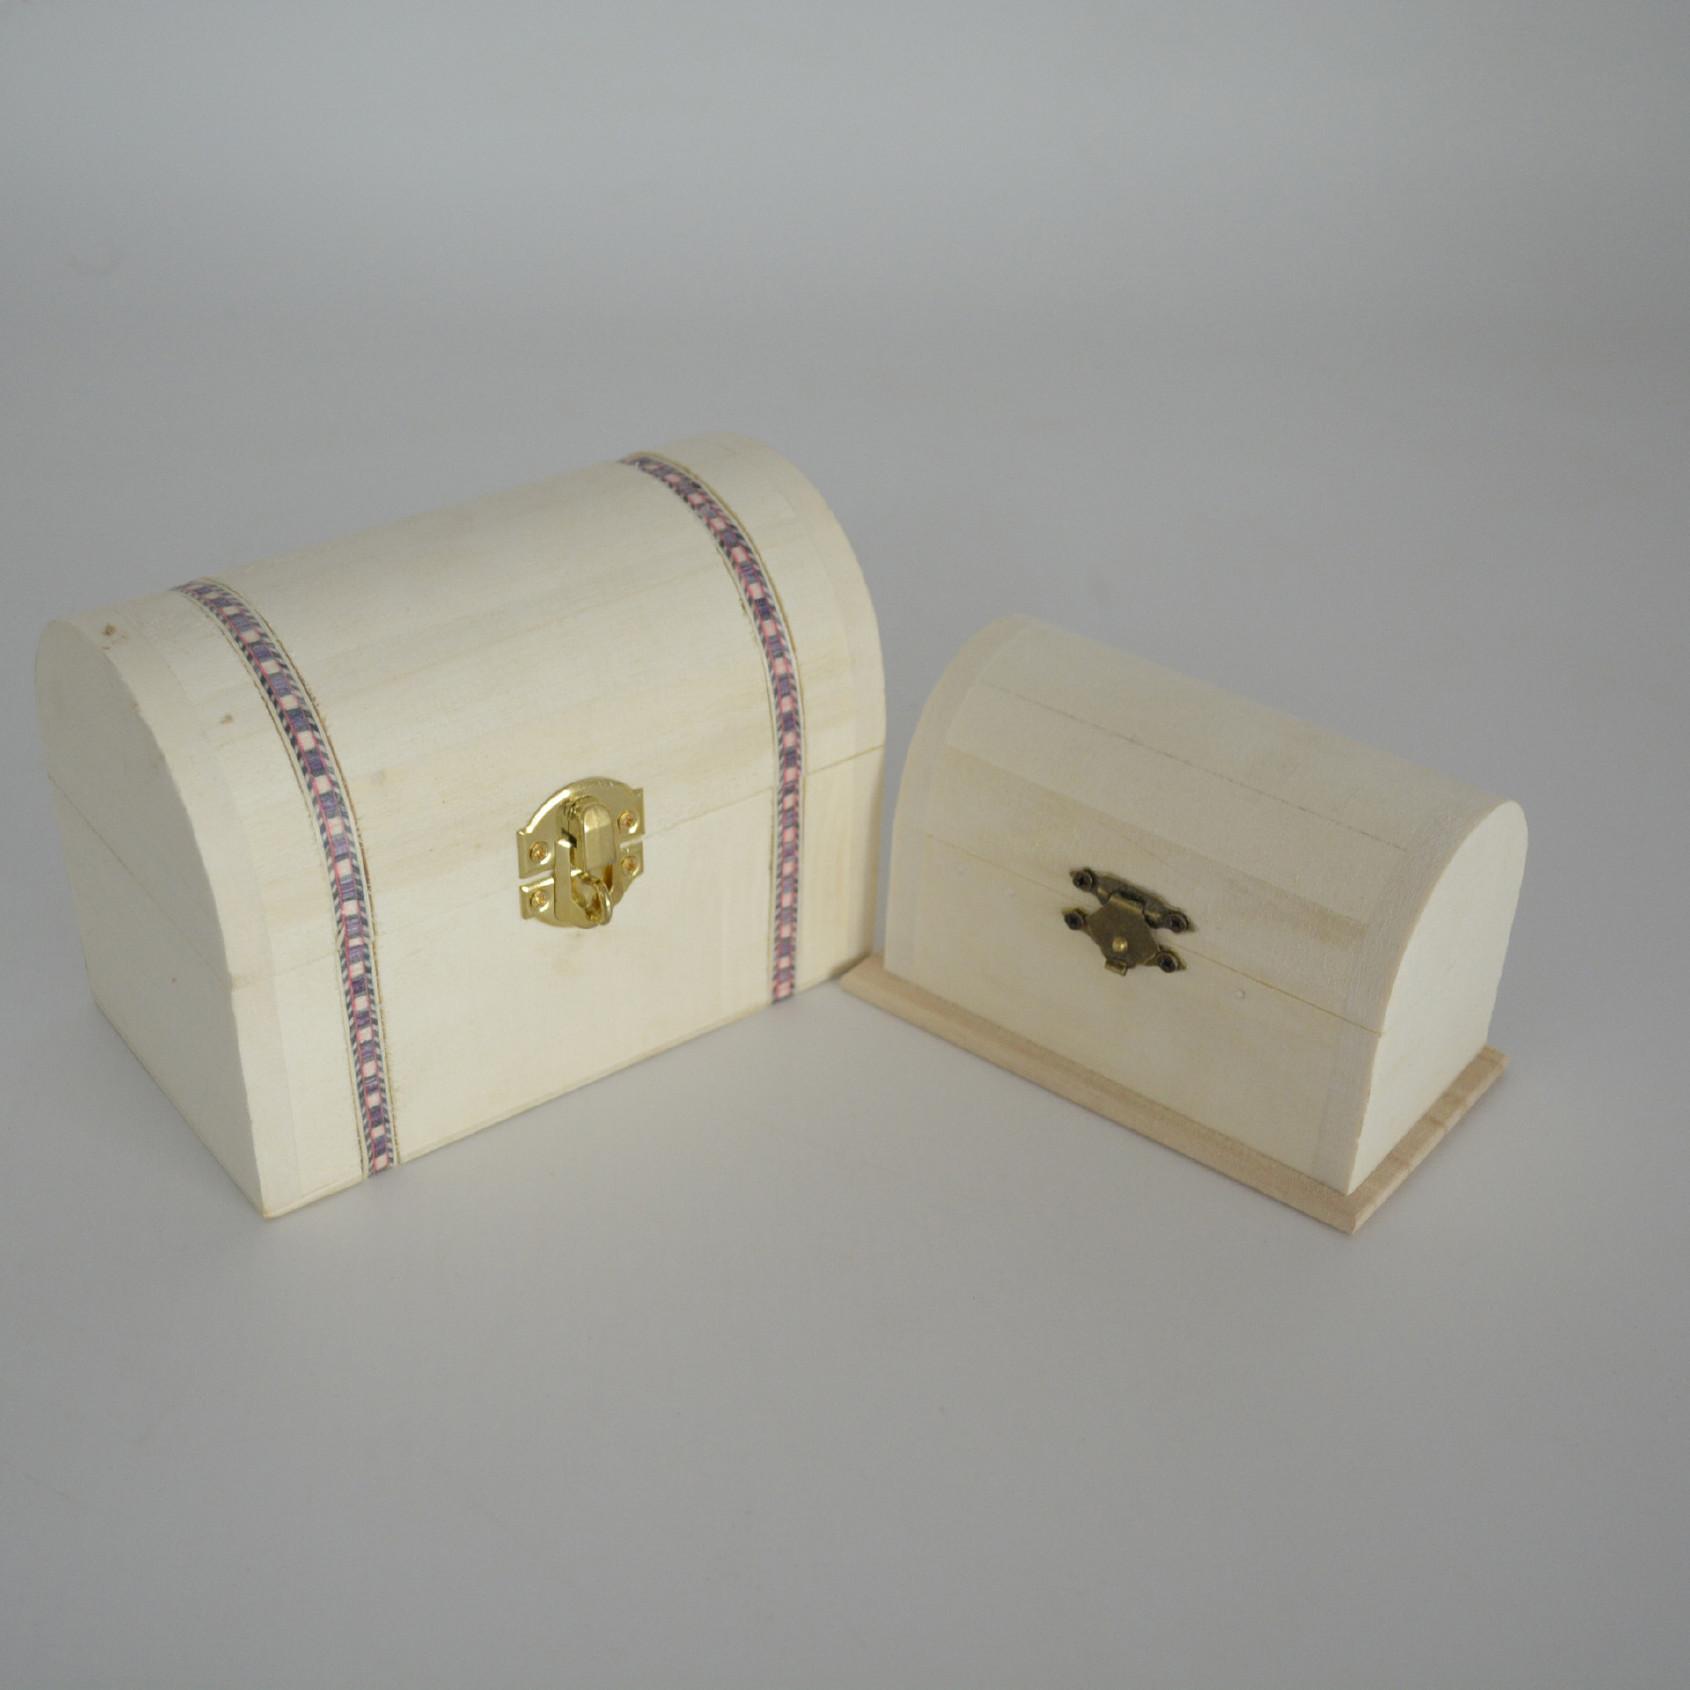 热卖创意复古木制首饰盒 仿古梳妆盒百宝箱 定制工艺品礼品